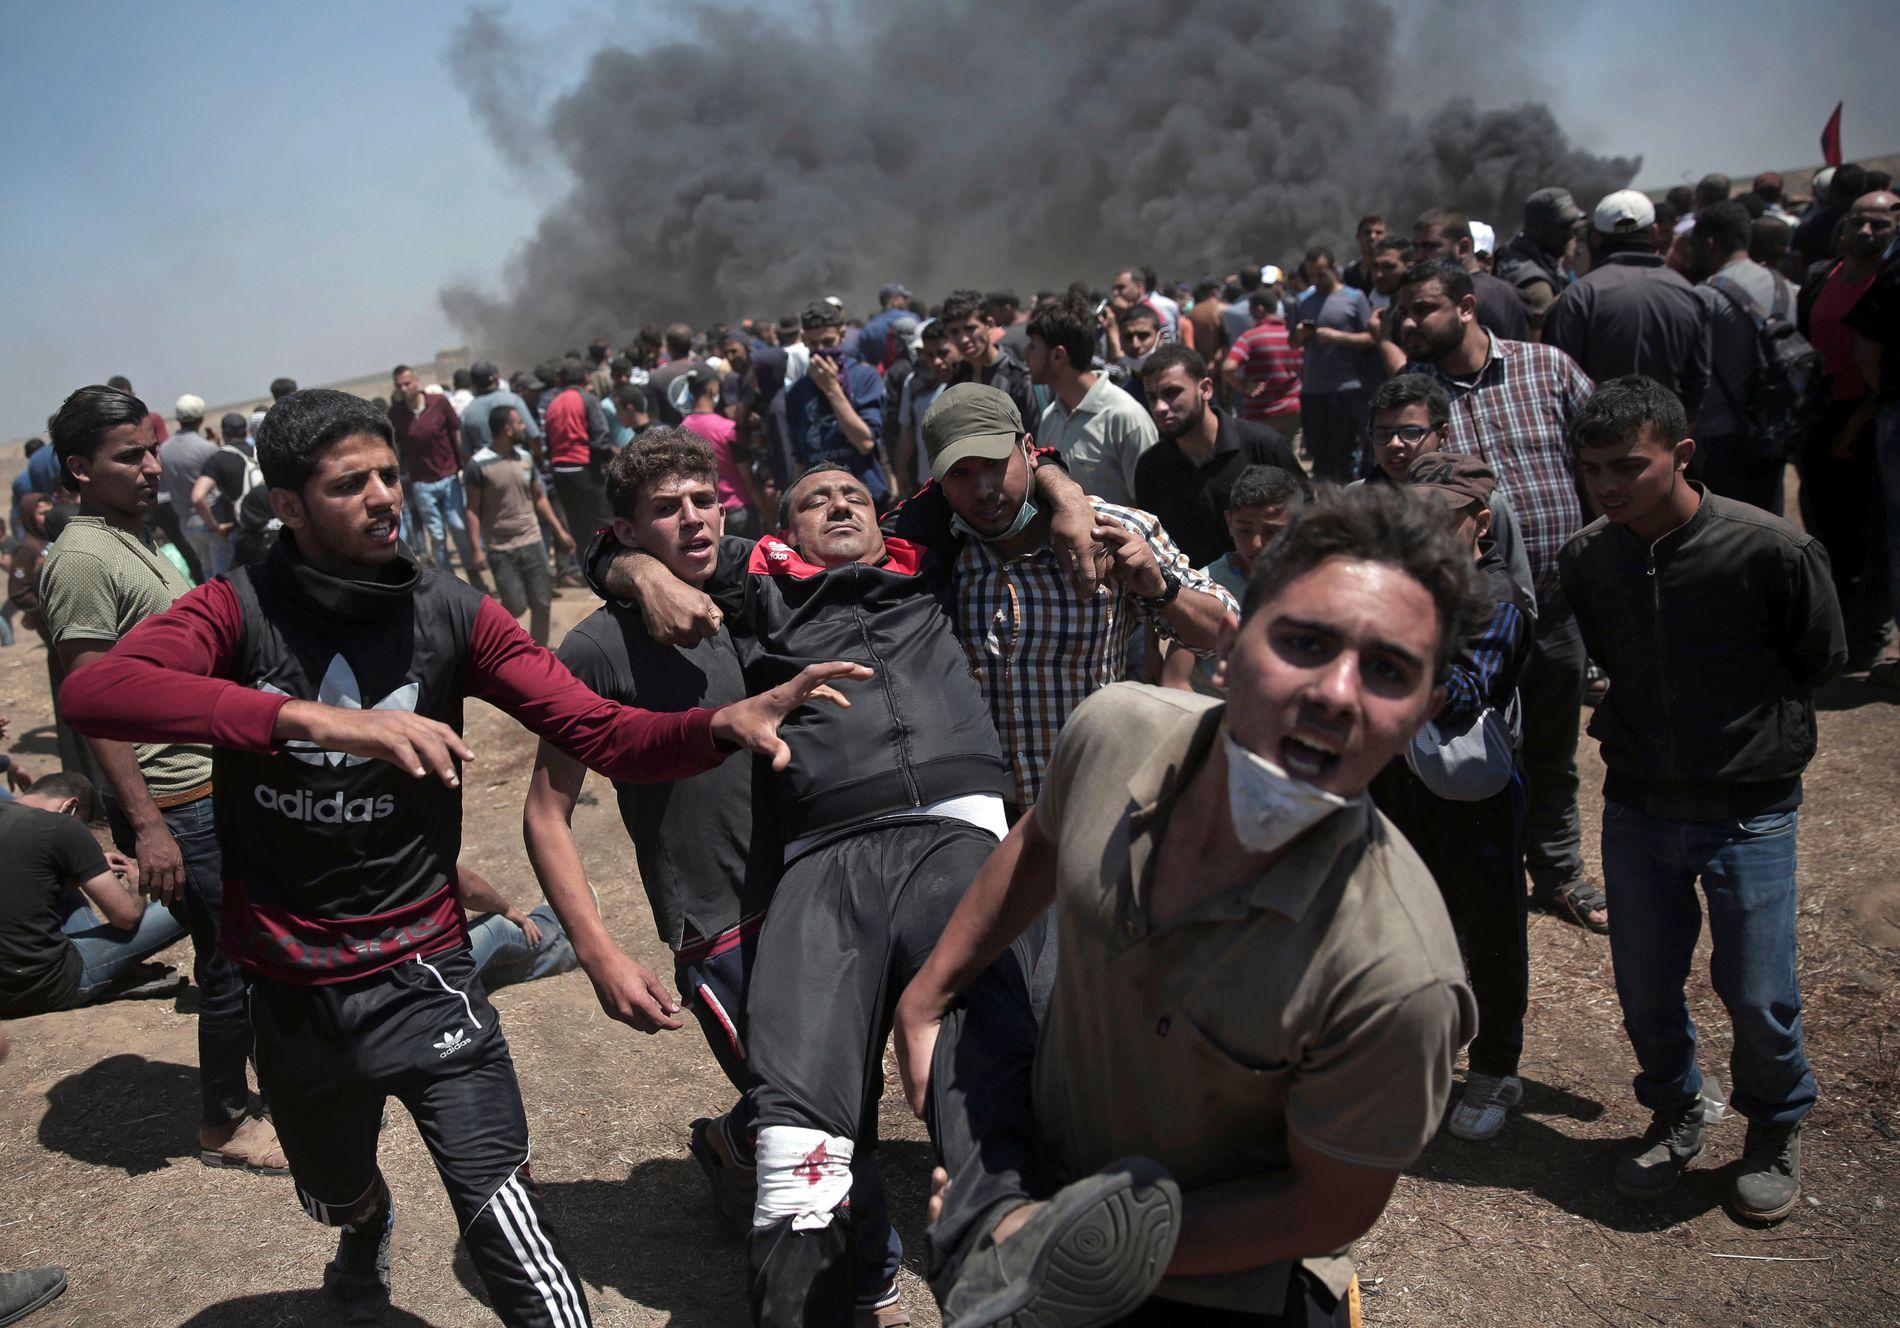 ANGREPET: Palestinske demonstranter protesterte langs grensegjerdet mellom Gaza og Israel. Minst 60 palestinere ble drept etter at israelske soldater skjøt mot demonstrantene.